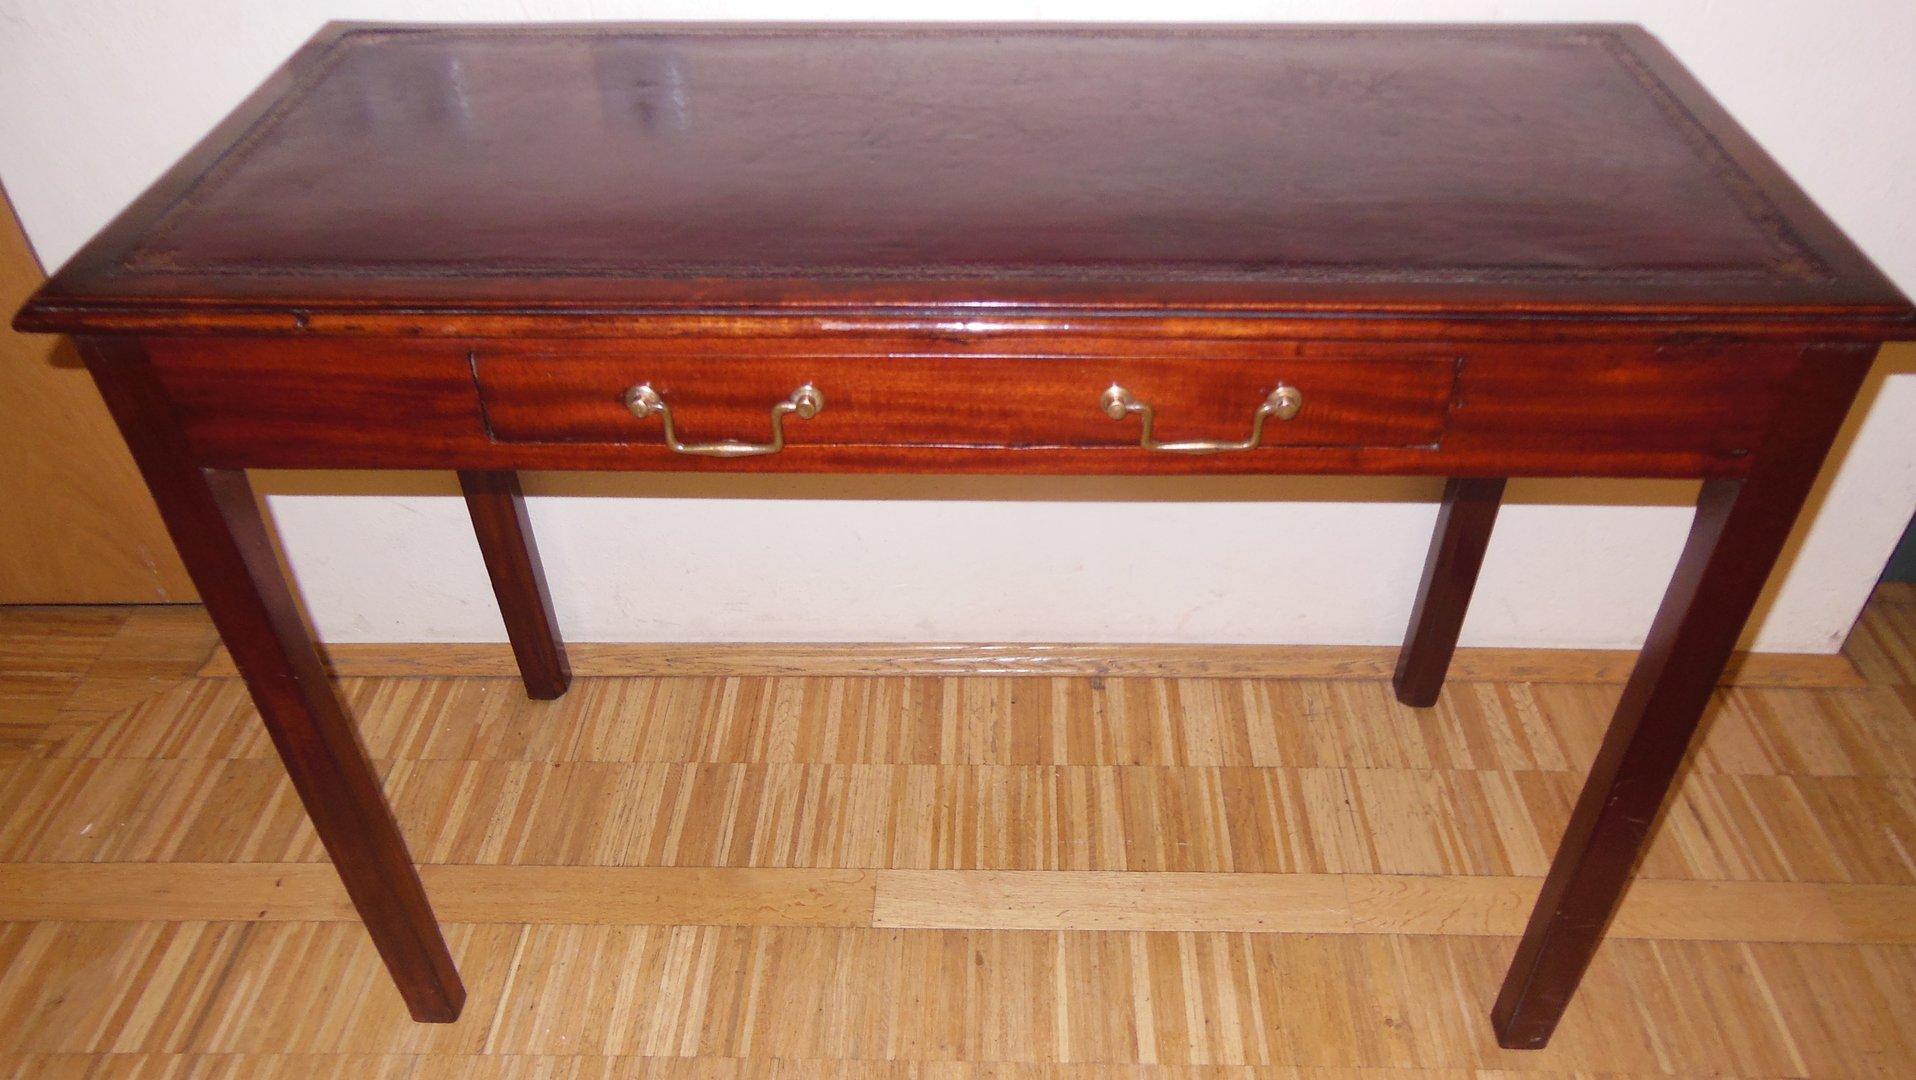 kleiner englischer schreibtisch rotes leder mahagoni schreibtisch antik m bel antiquit ten. Black Bedroom Furniture Sets. Home Design Ideas